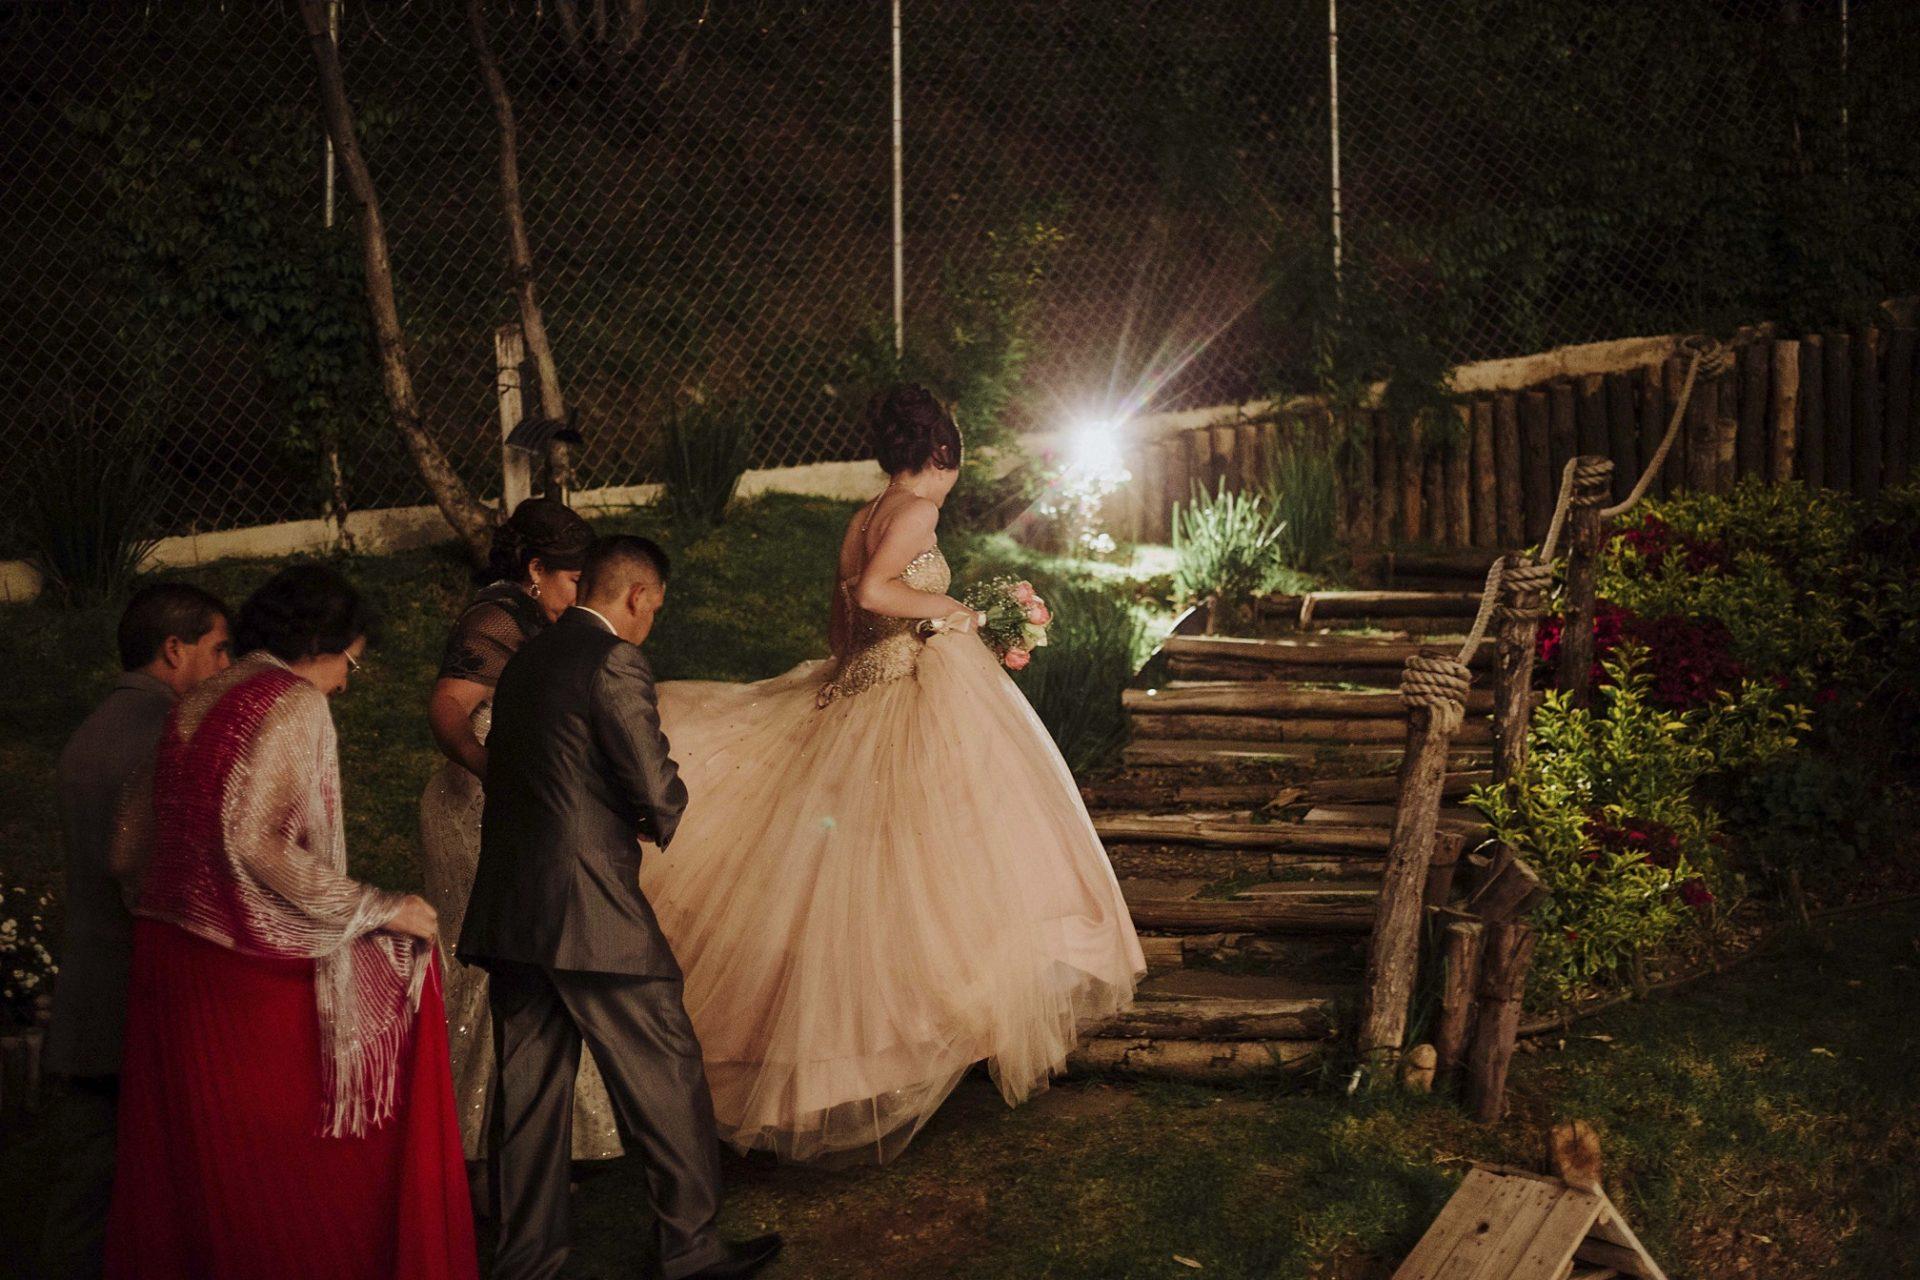 fotografos_profesionales_zacatecas_bodas_xvaños-32